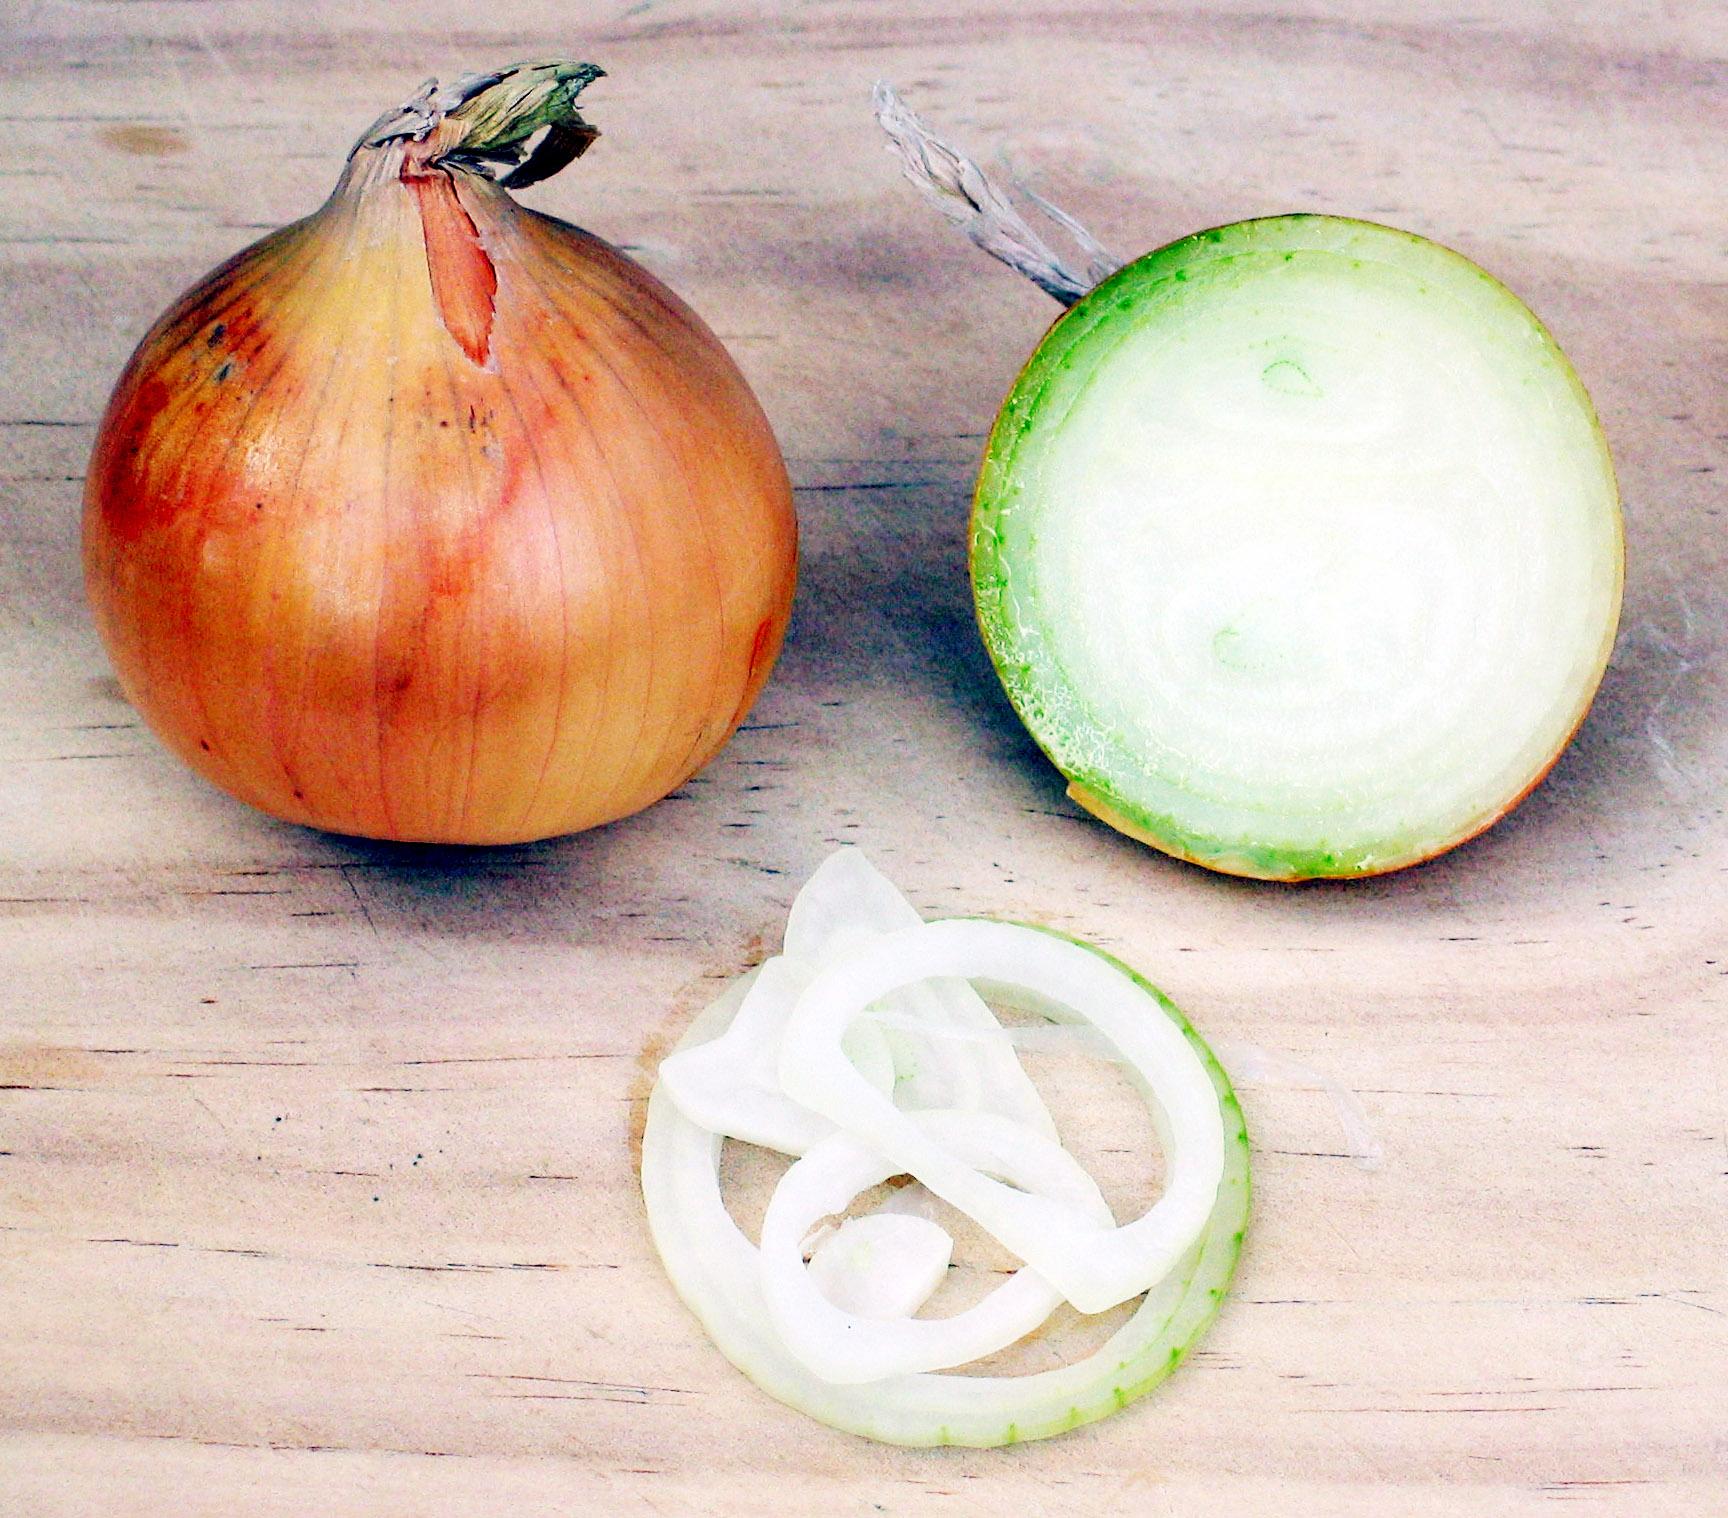 File Onion jpg - Wikip...